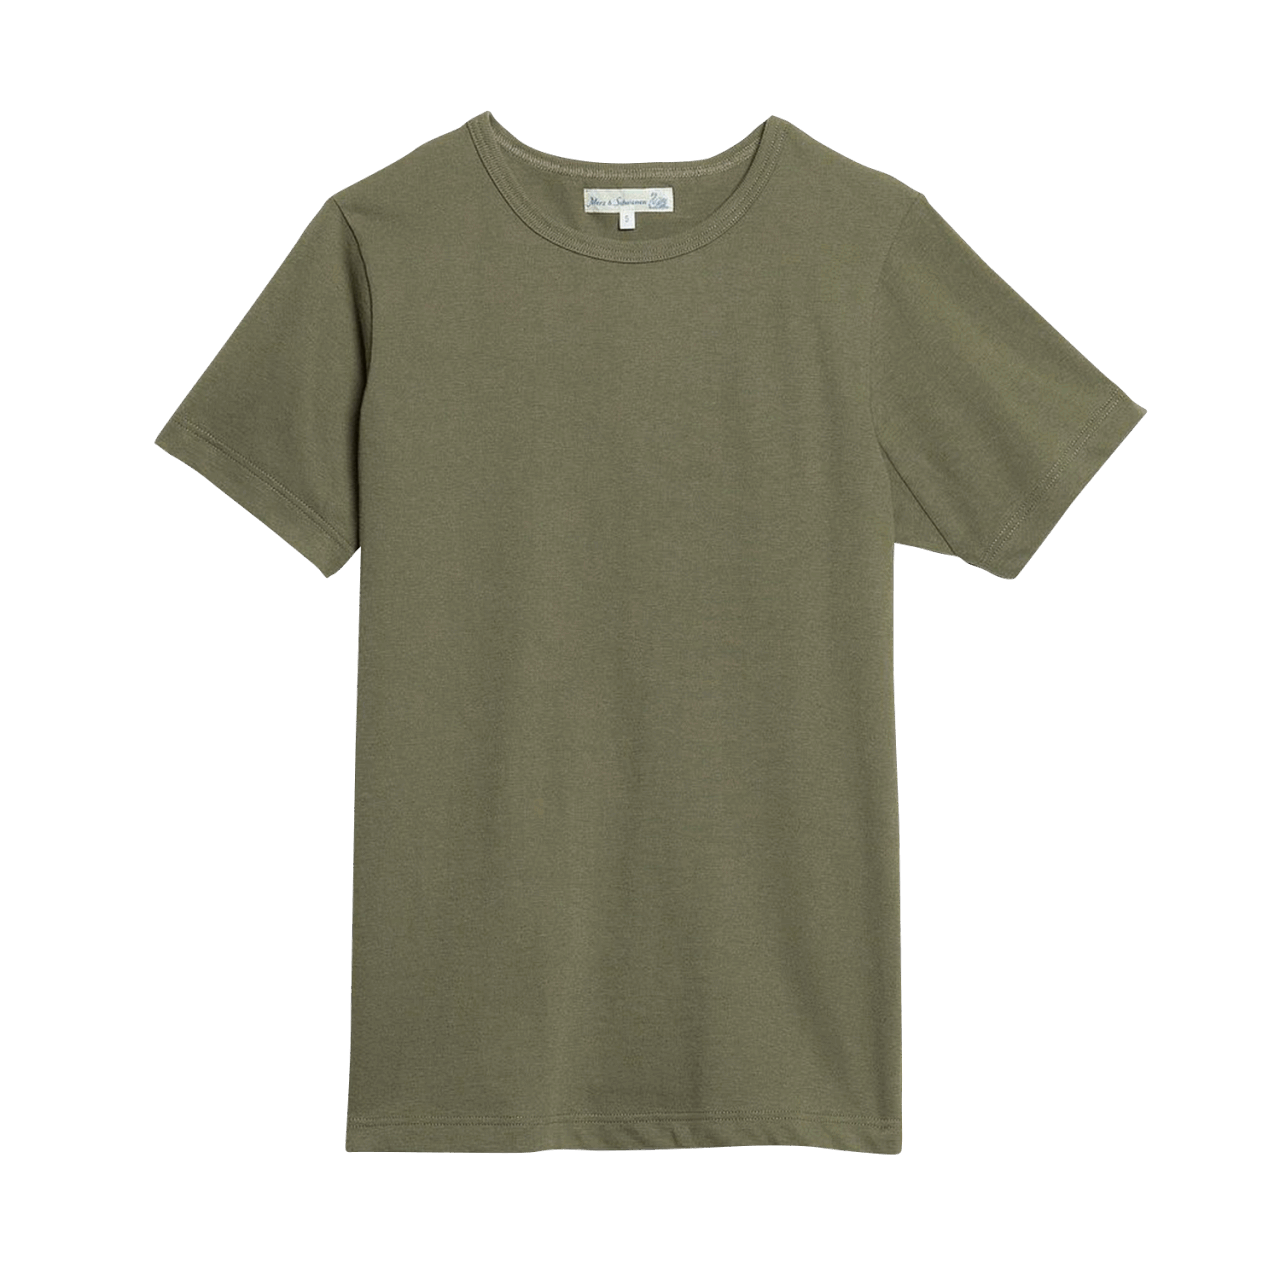 Merz b. Schwanen 1950's T-Shirt - army